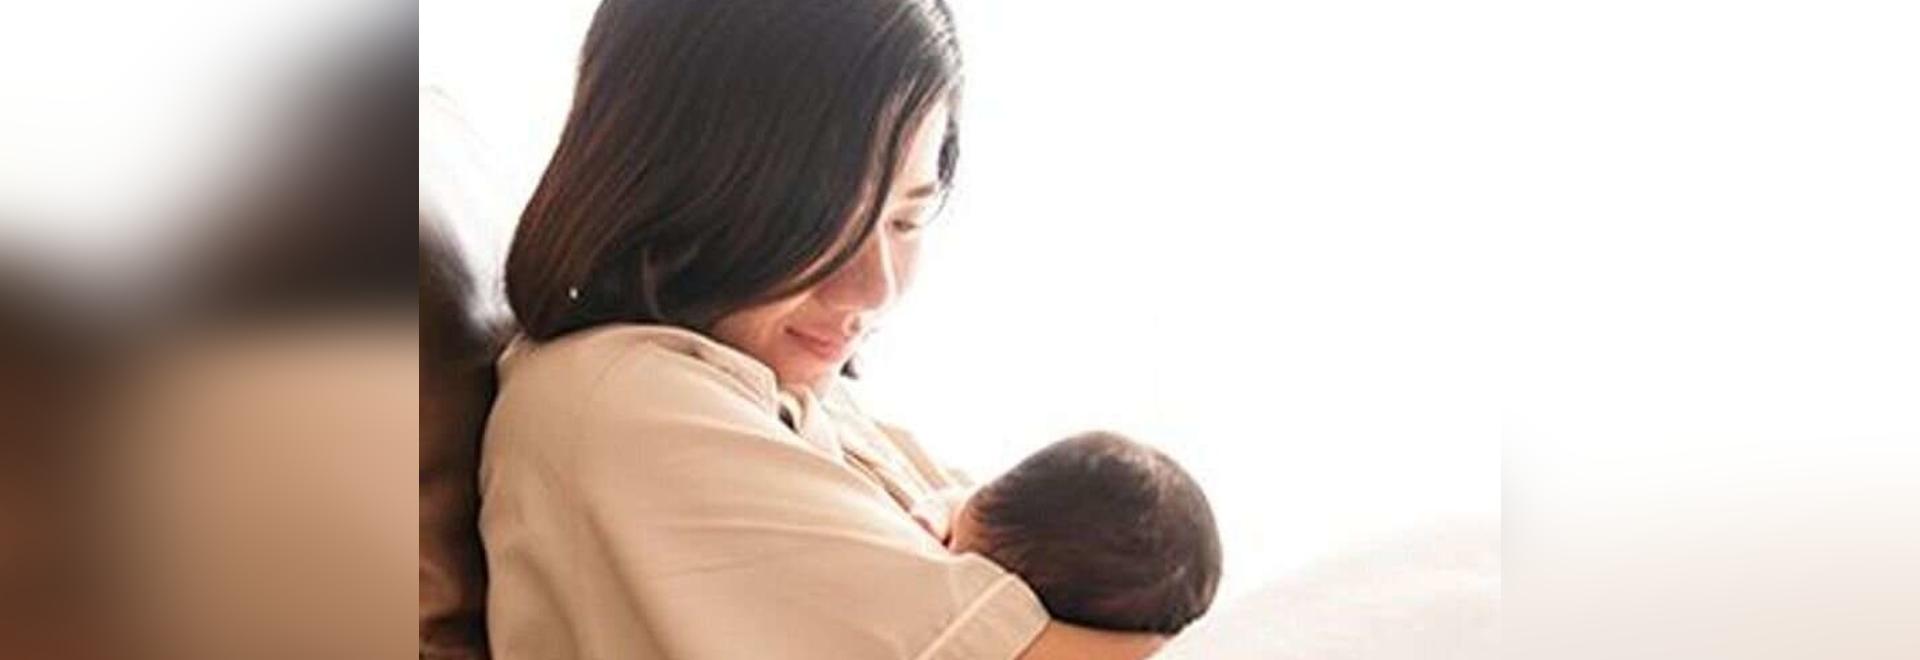 Neugeborene bekommen kein COVID durch infizierte Muttermilch: Studie